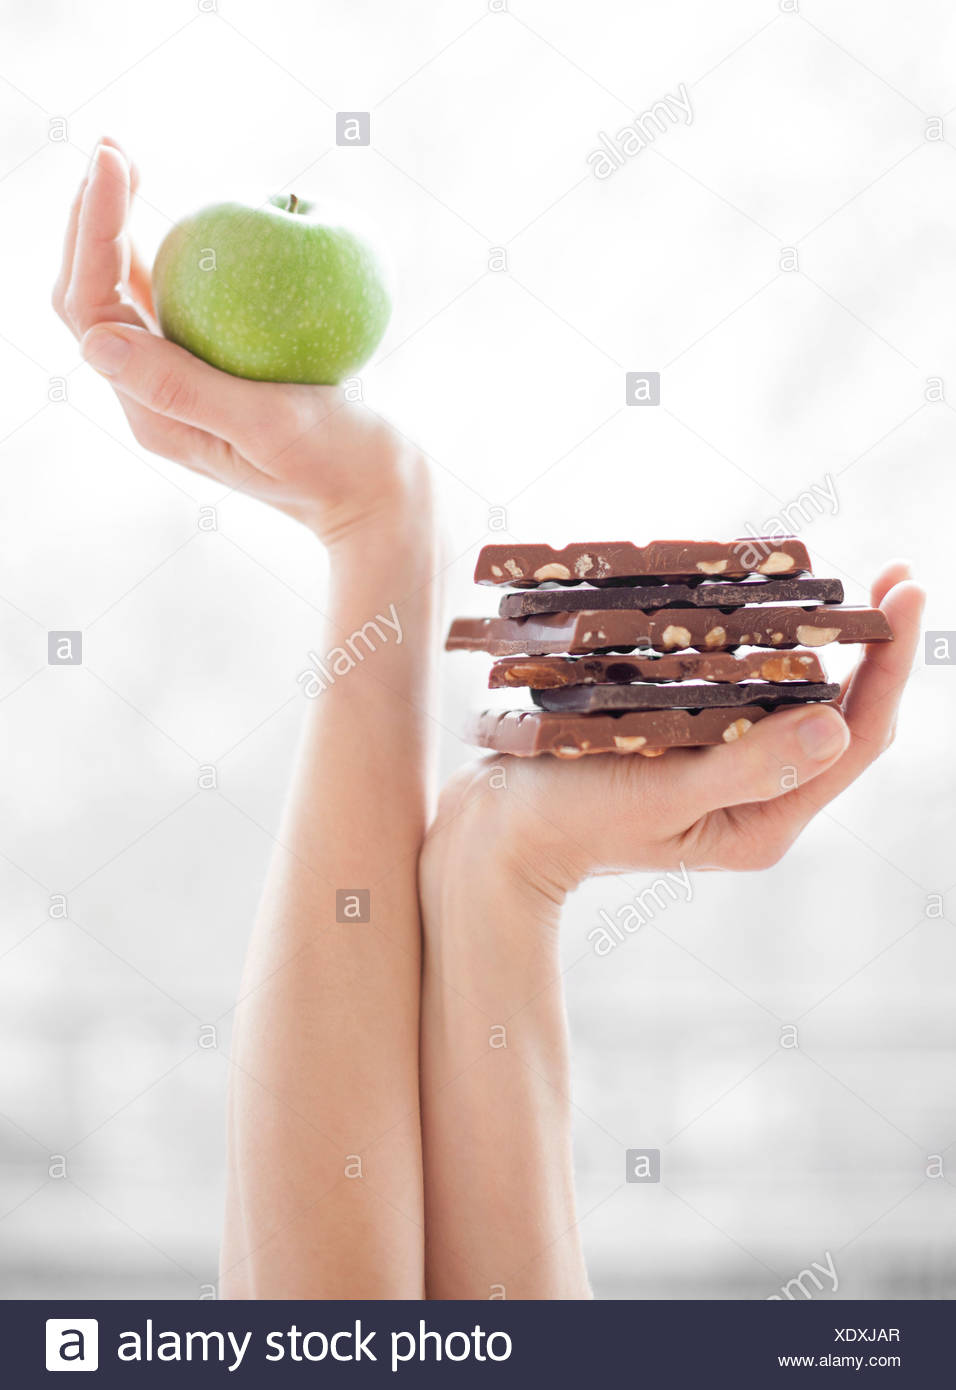 Dieta bilanciata, immagine concettuale Immagini Stock